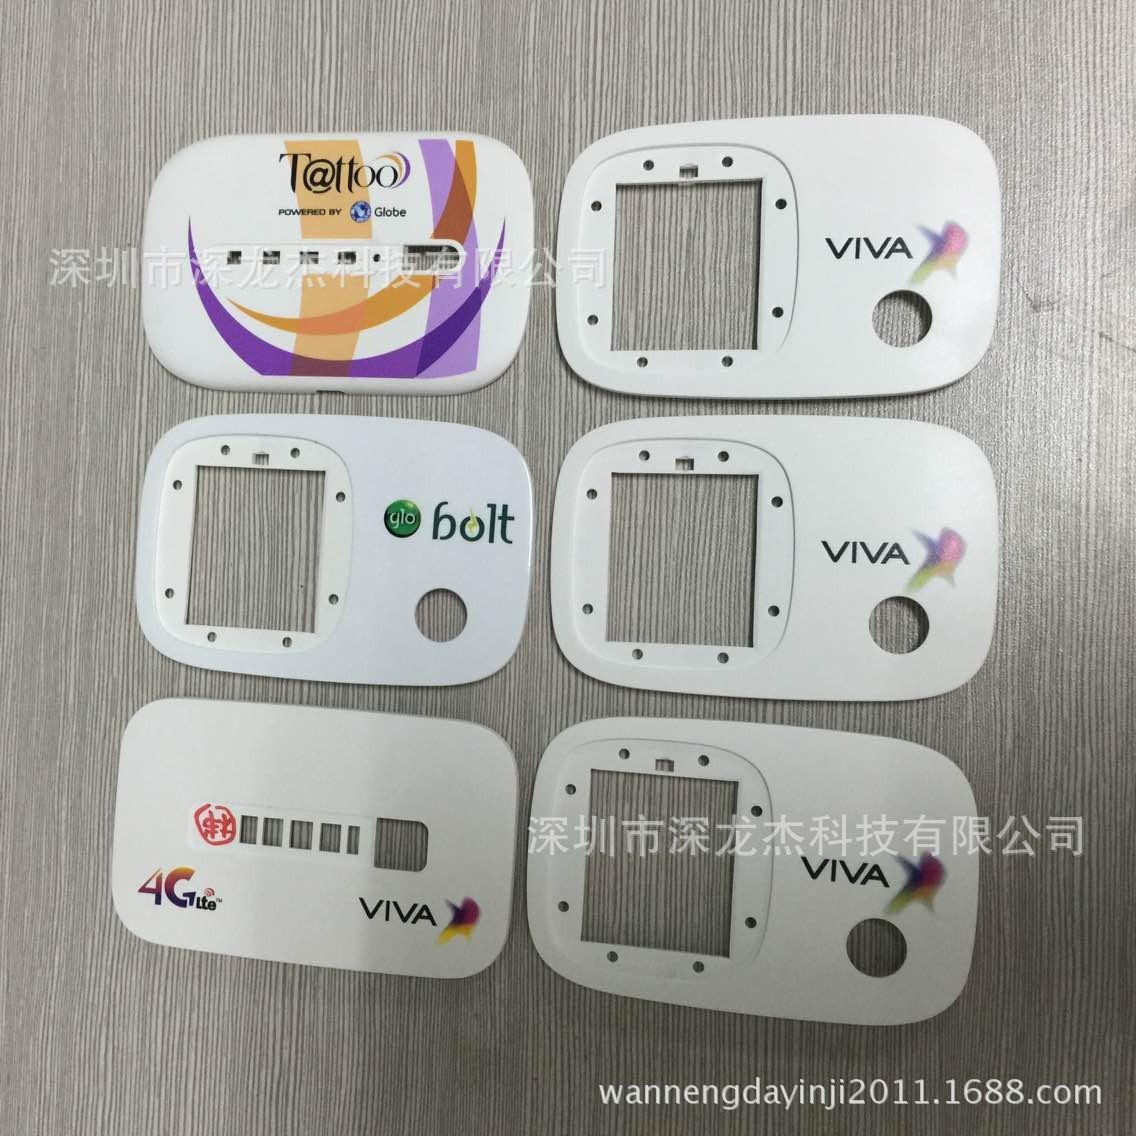 广东手机壳图片打印机 tpu壳套打印机 手機殼彩印加工uv打印机